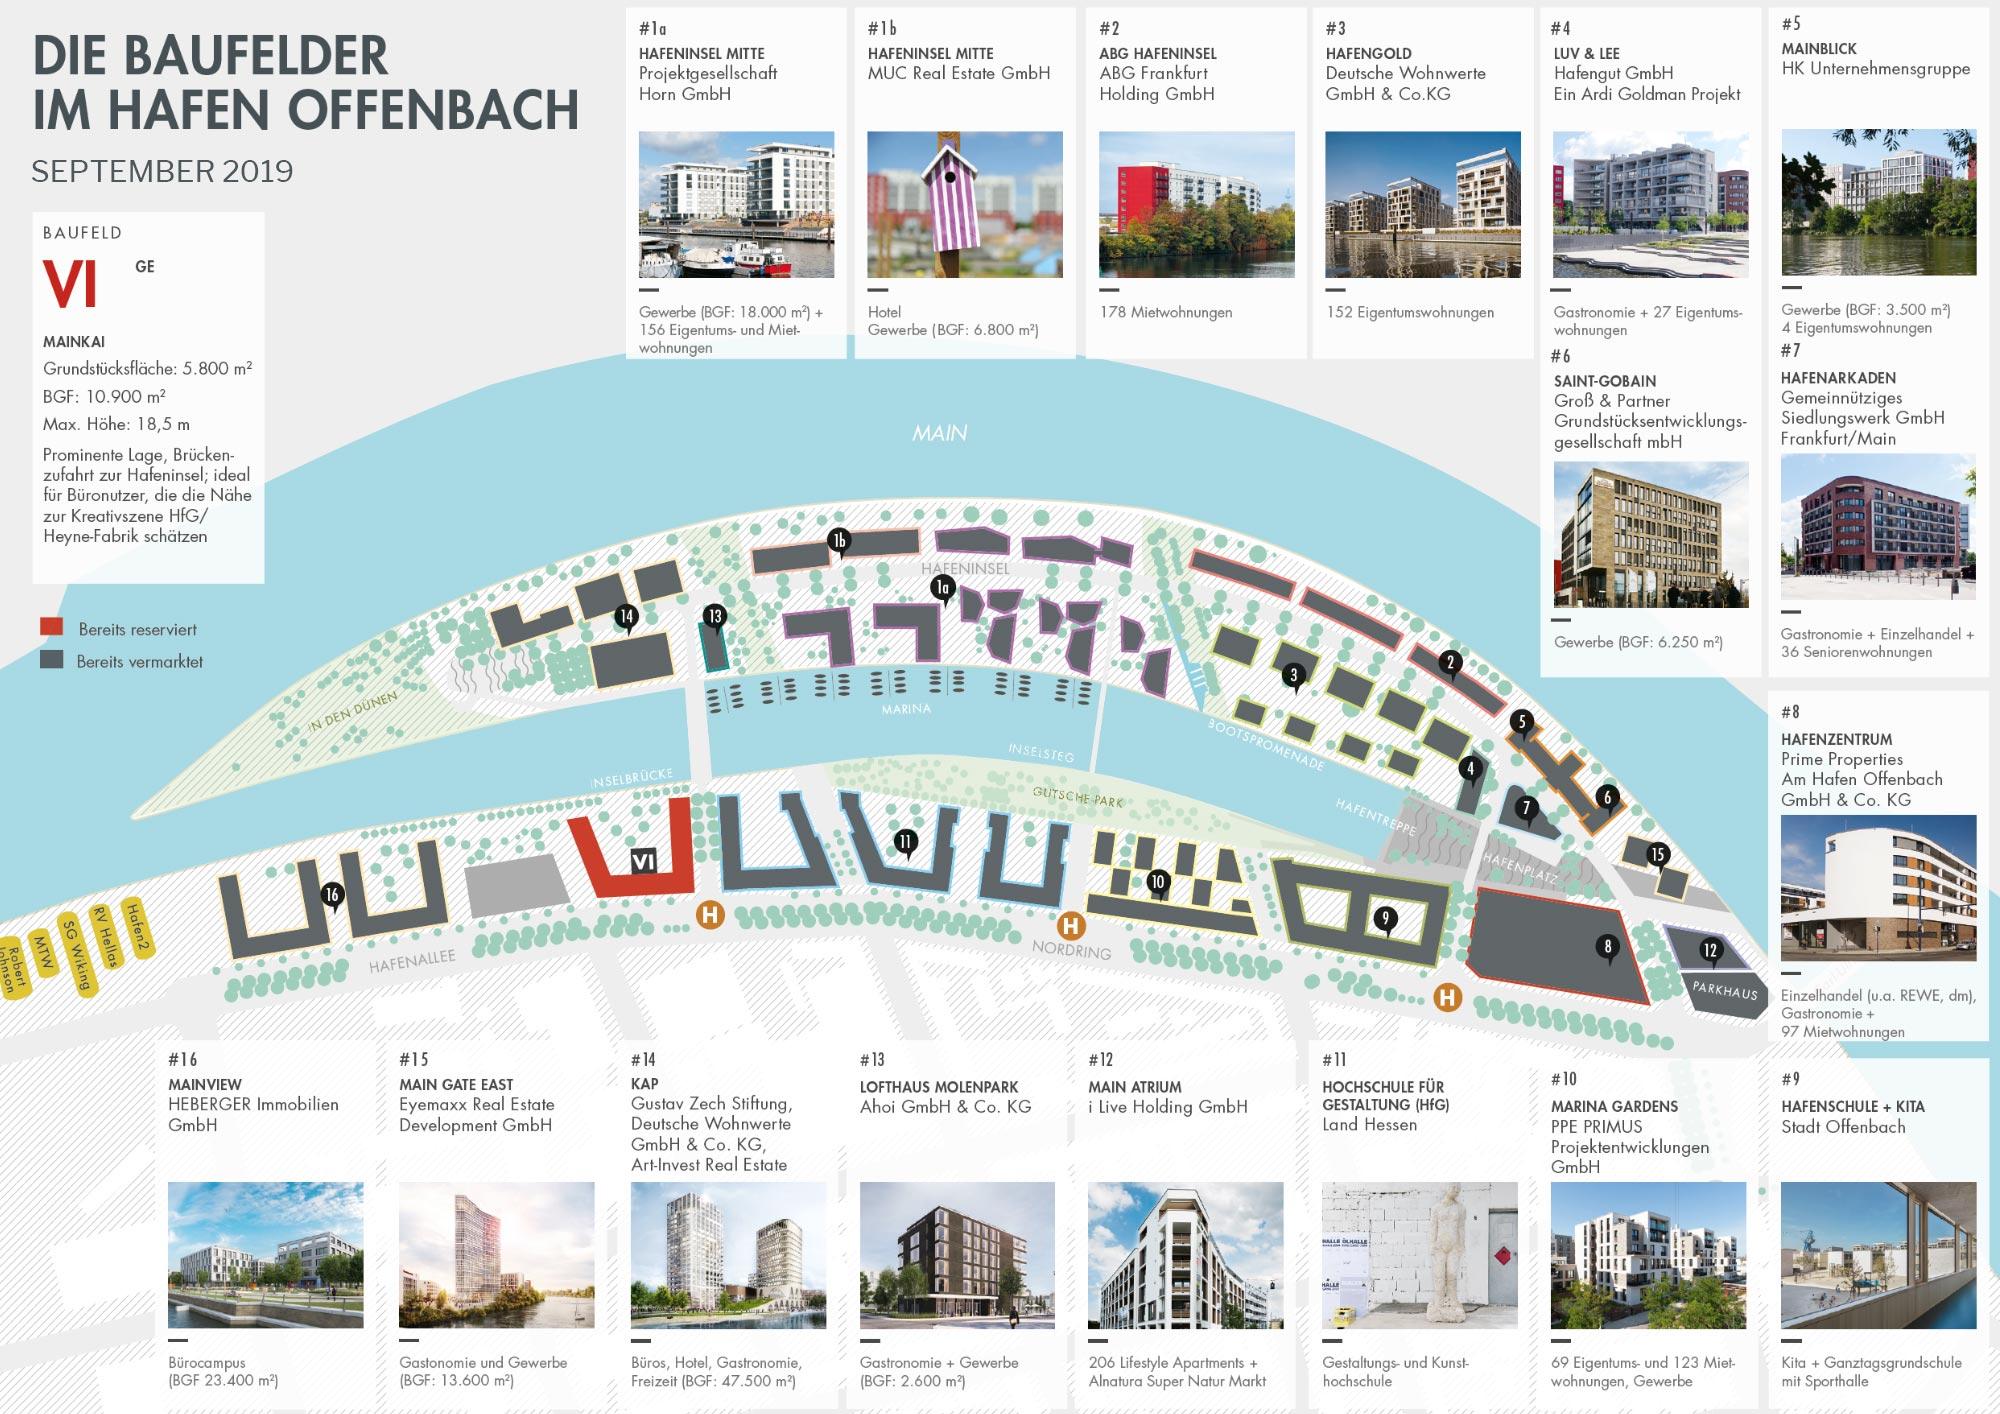 Hafenviertel Offenbach - Offenbach Hafen - Plan der Baufelder